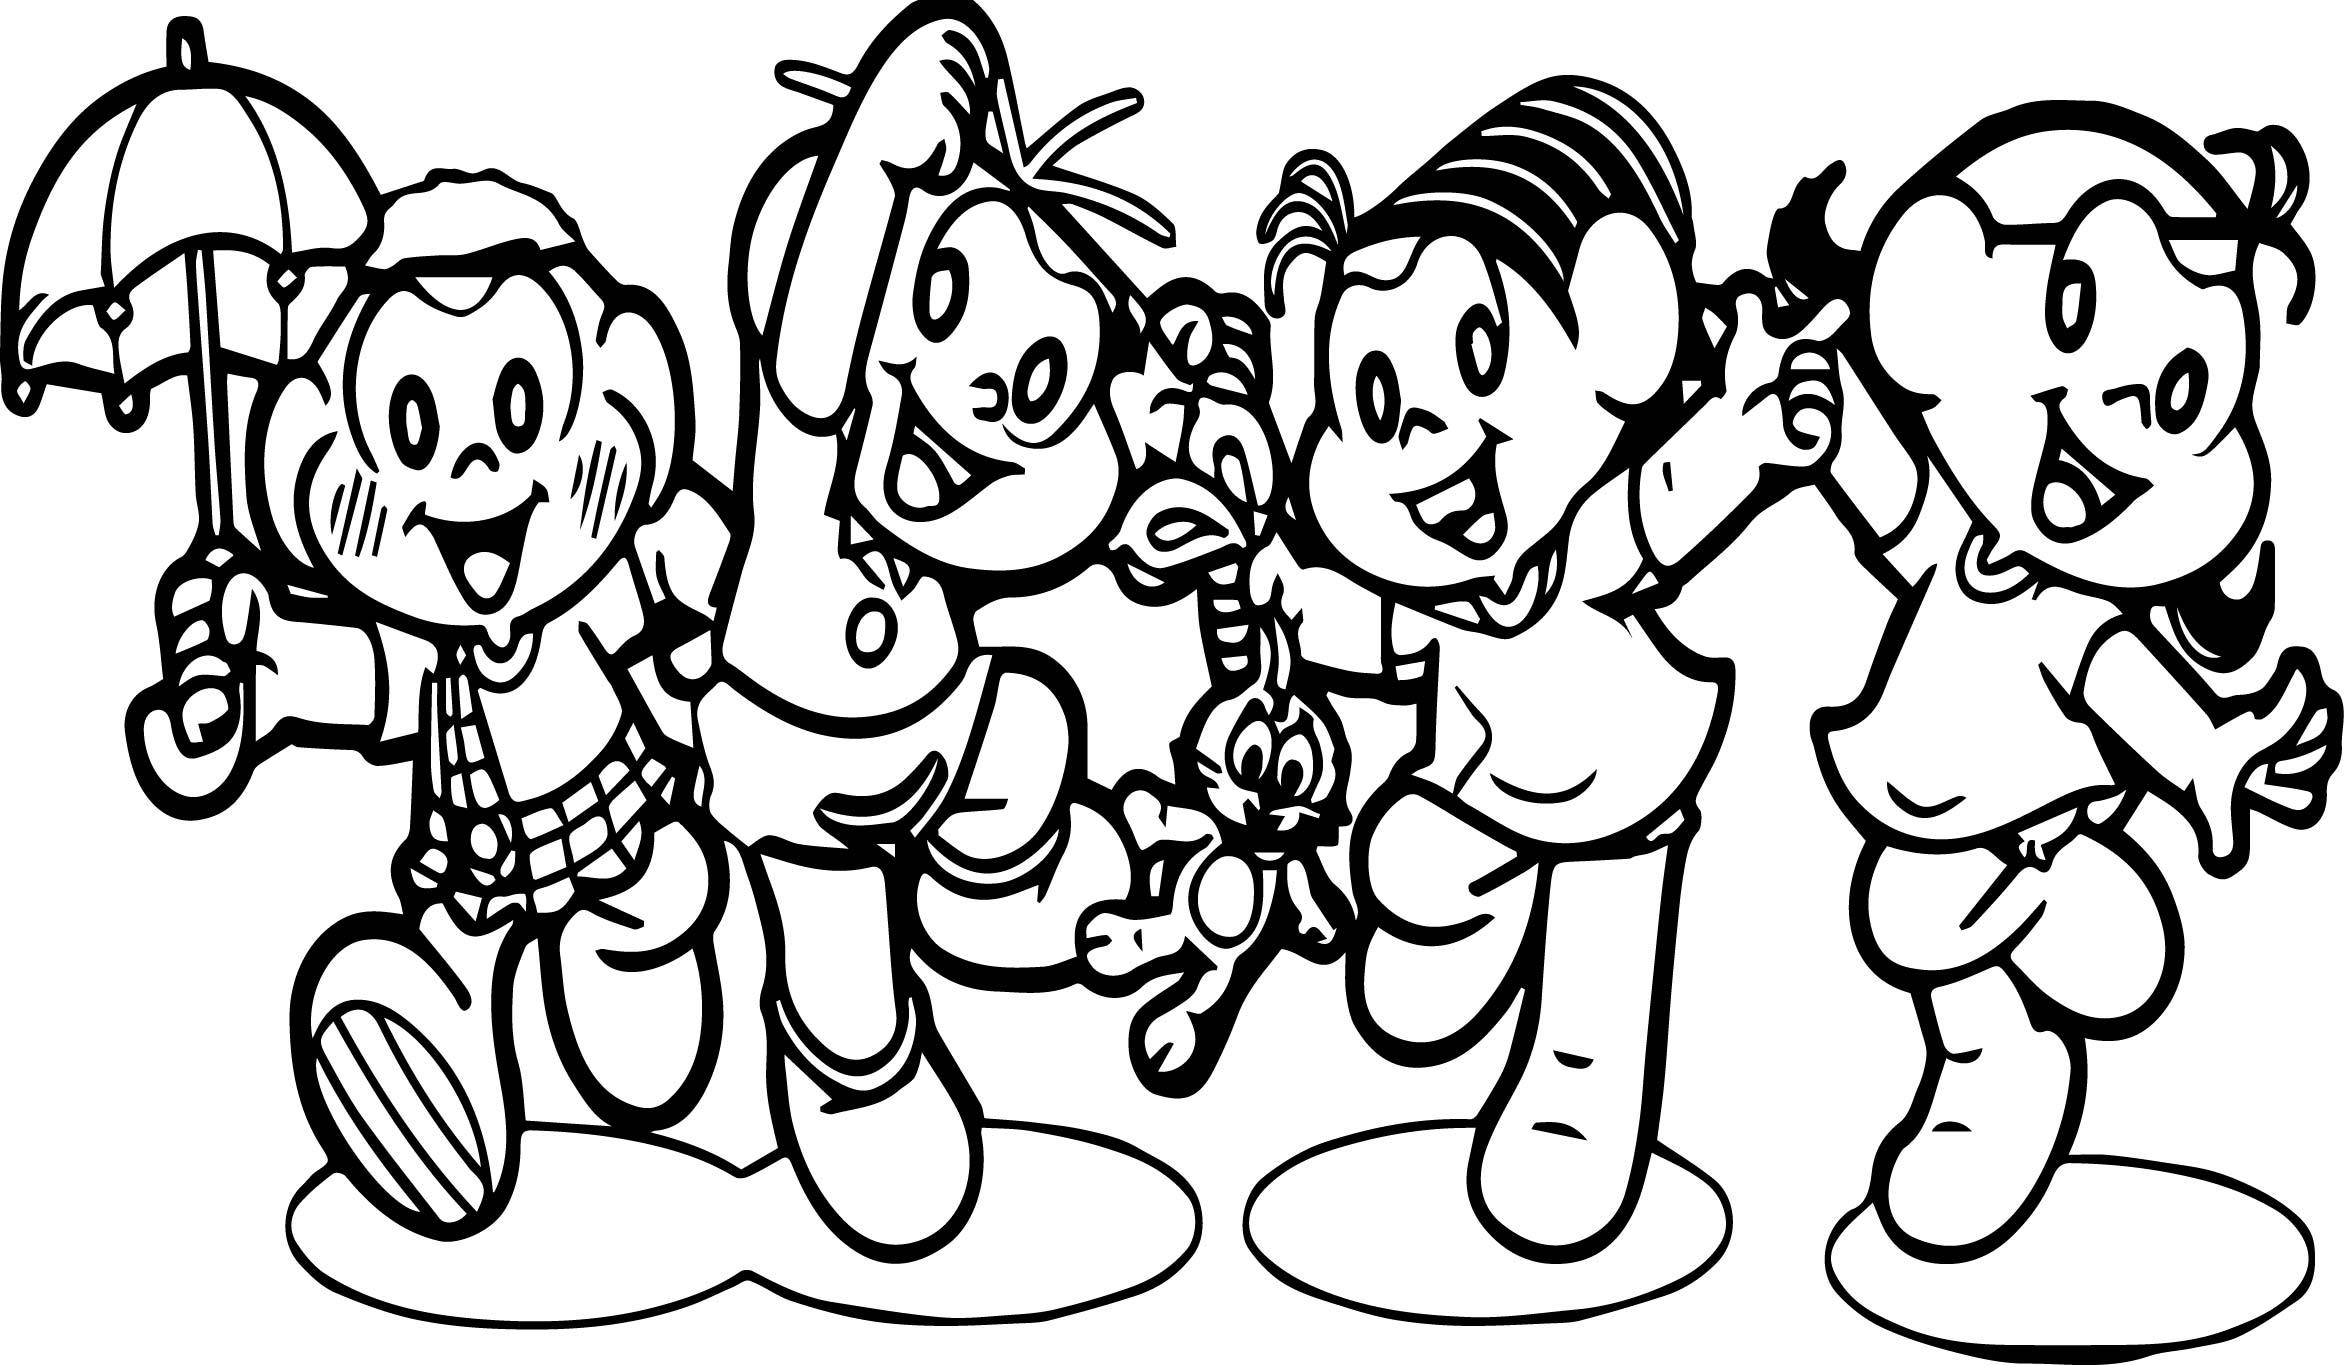 Turma Da Monica And Friends Rain Coloring Page